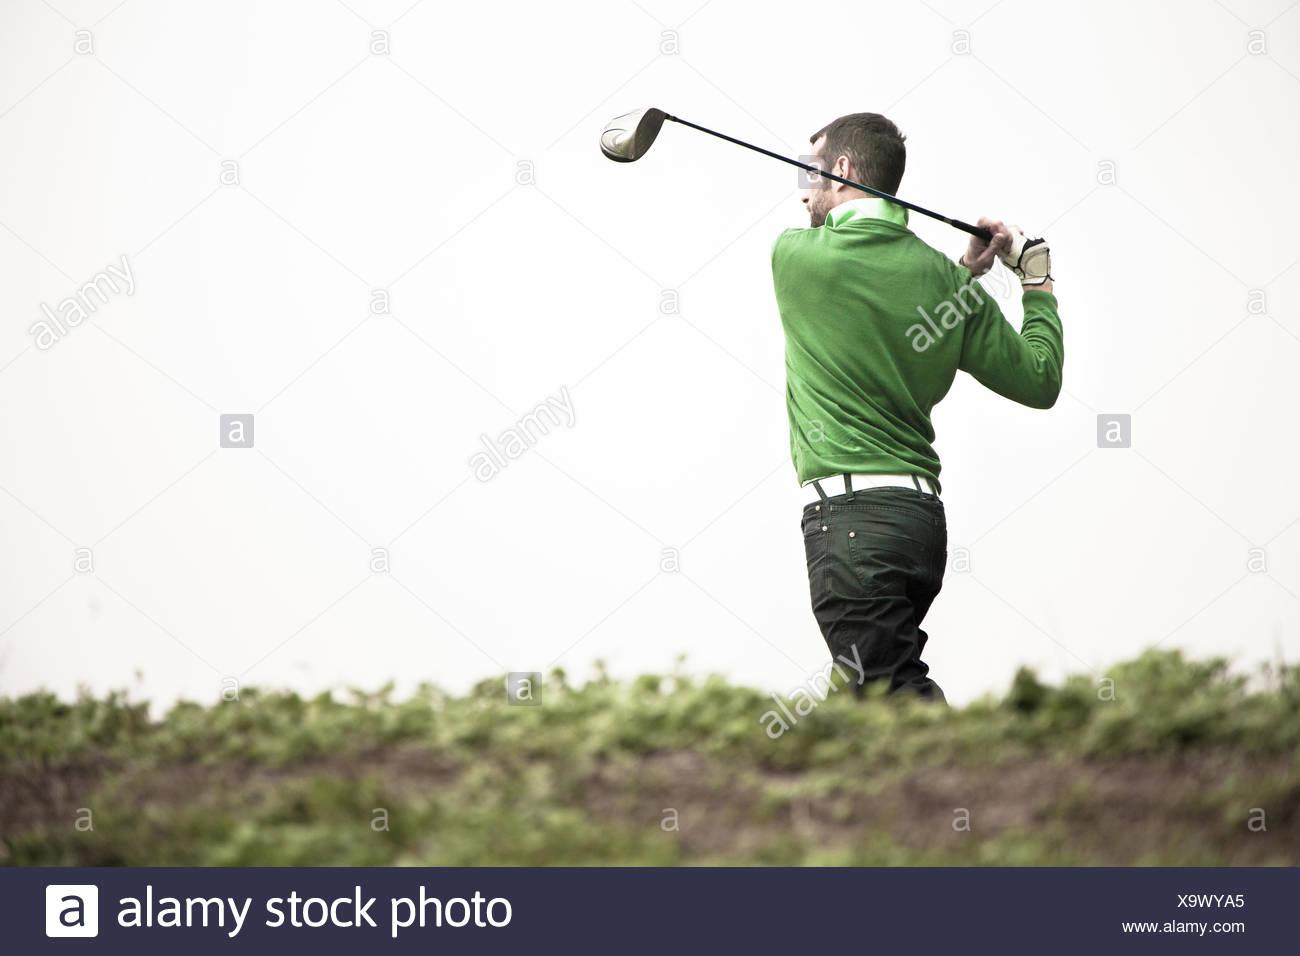 L'uomo giocando a golf Immagini Stock